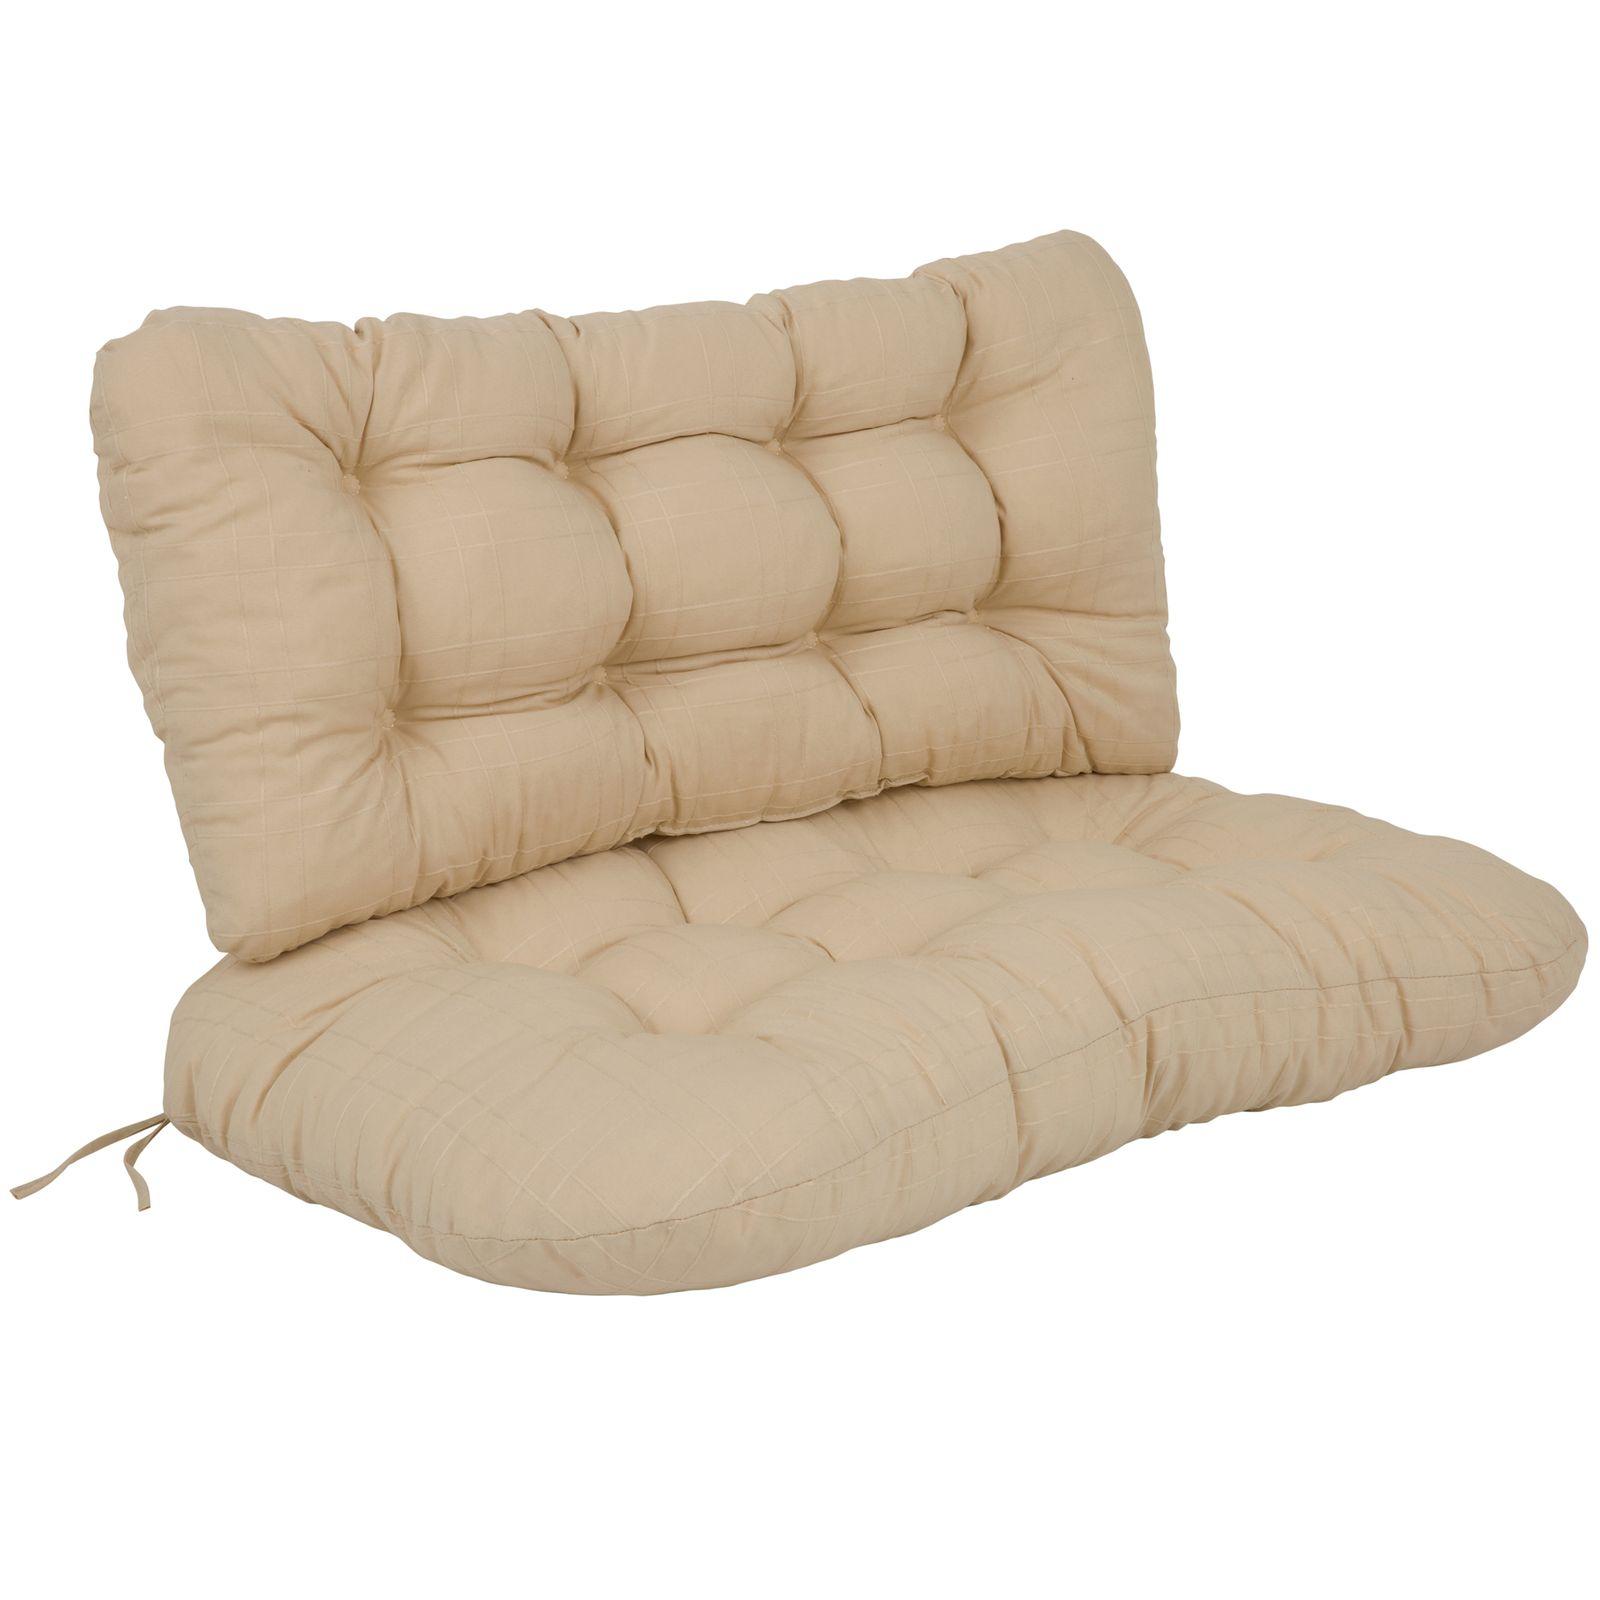 Poduszki na sofę 95 cm Marocco D016-25LB PATIO